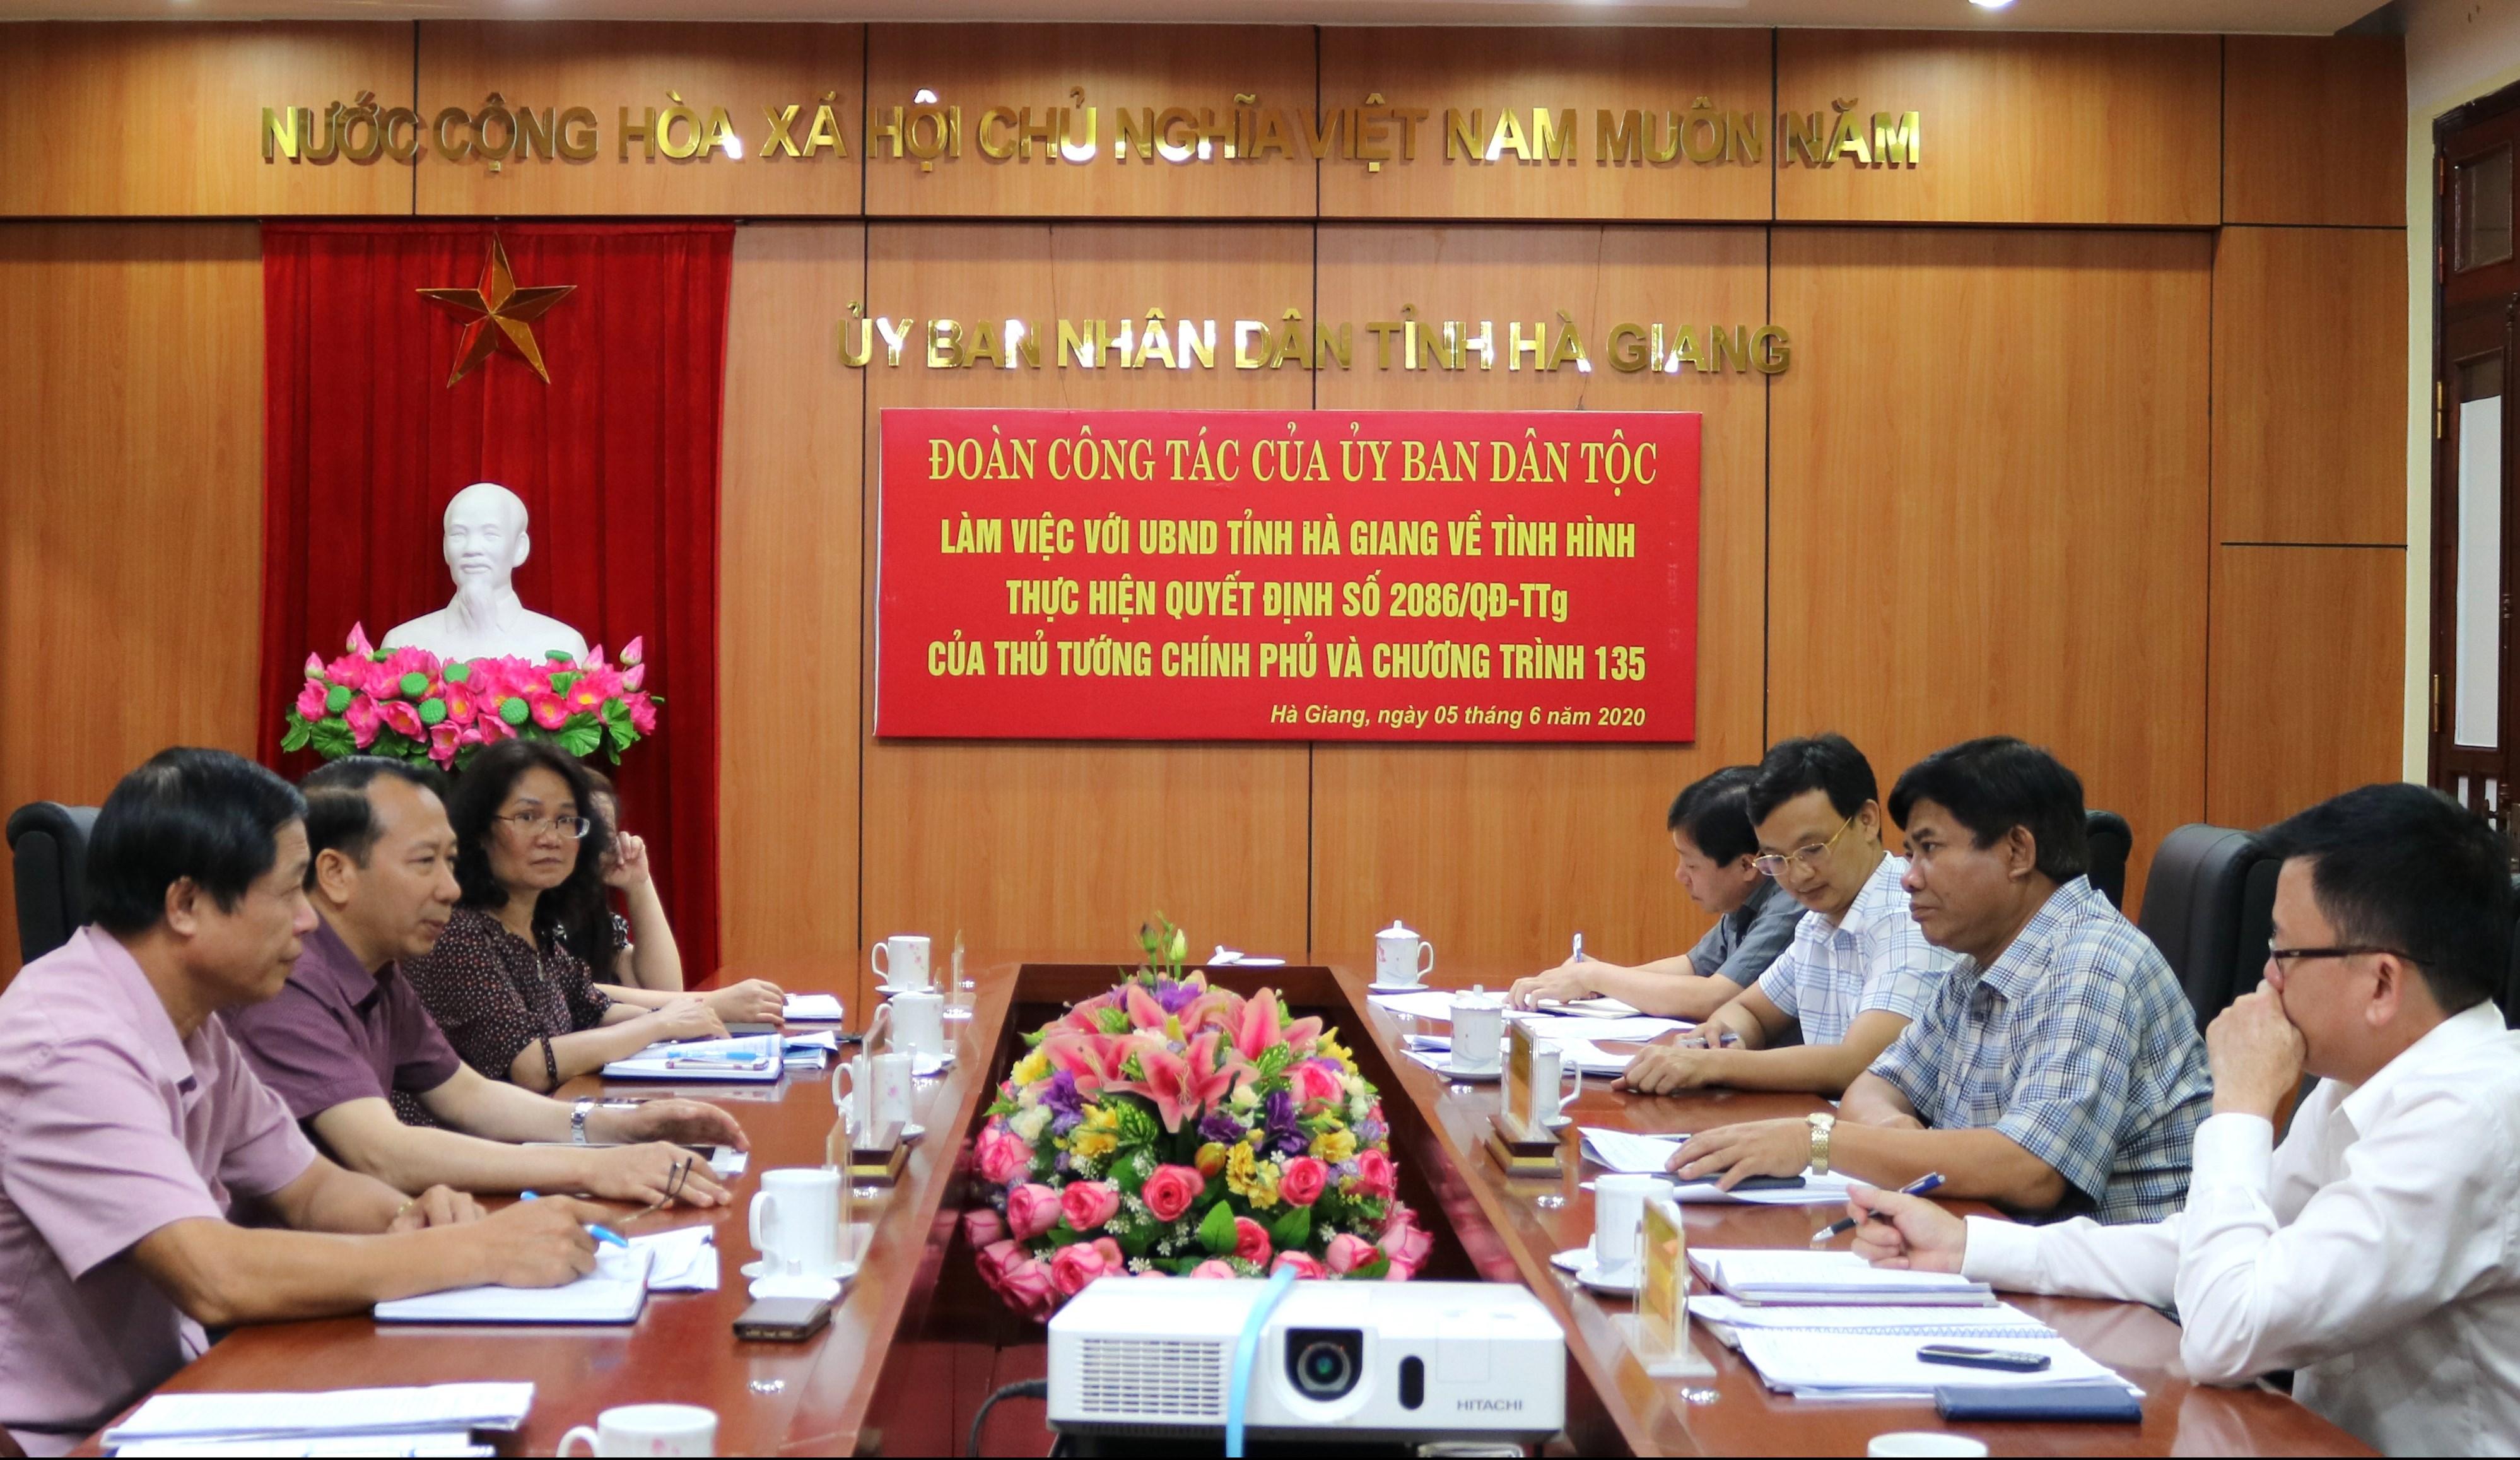 Đoàn công tác của Ủy ban Dân tộc làm việc với UBND tỉnh Hà Giang